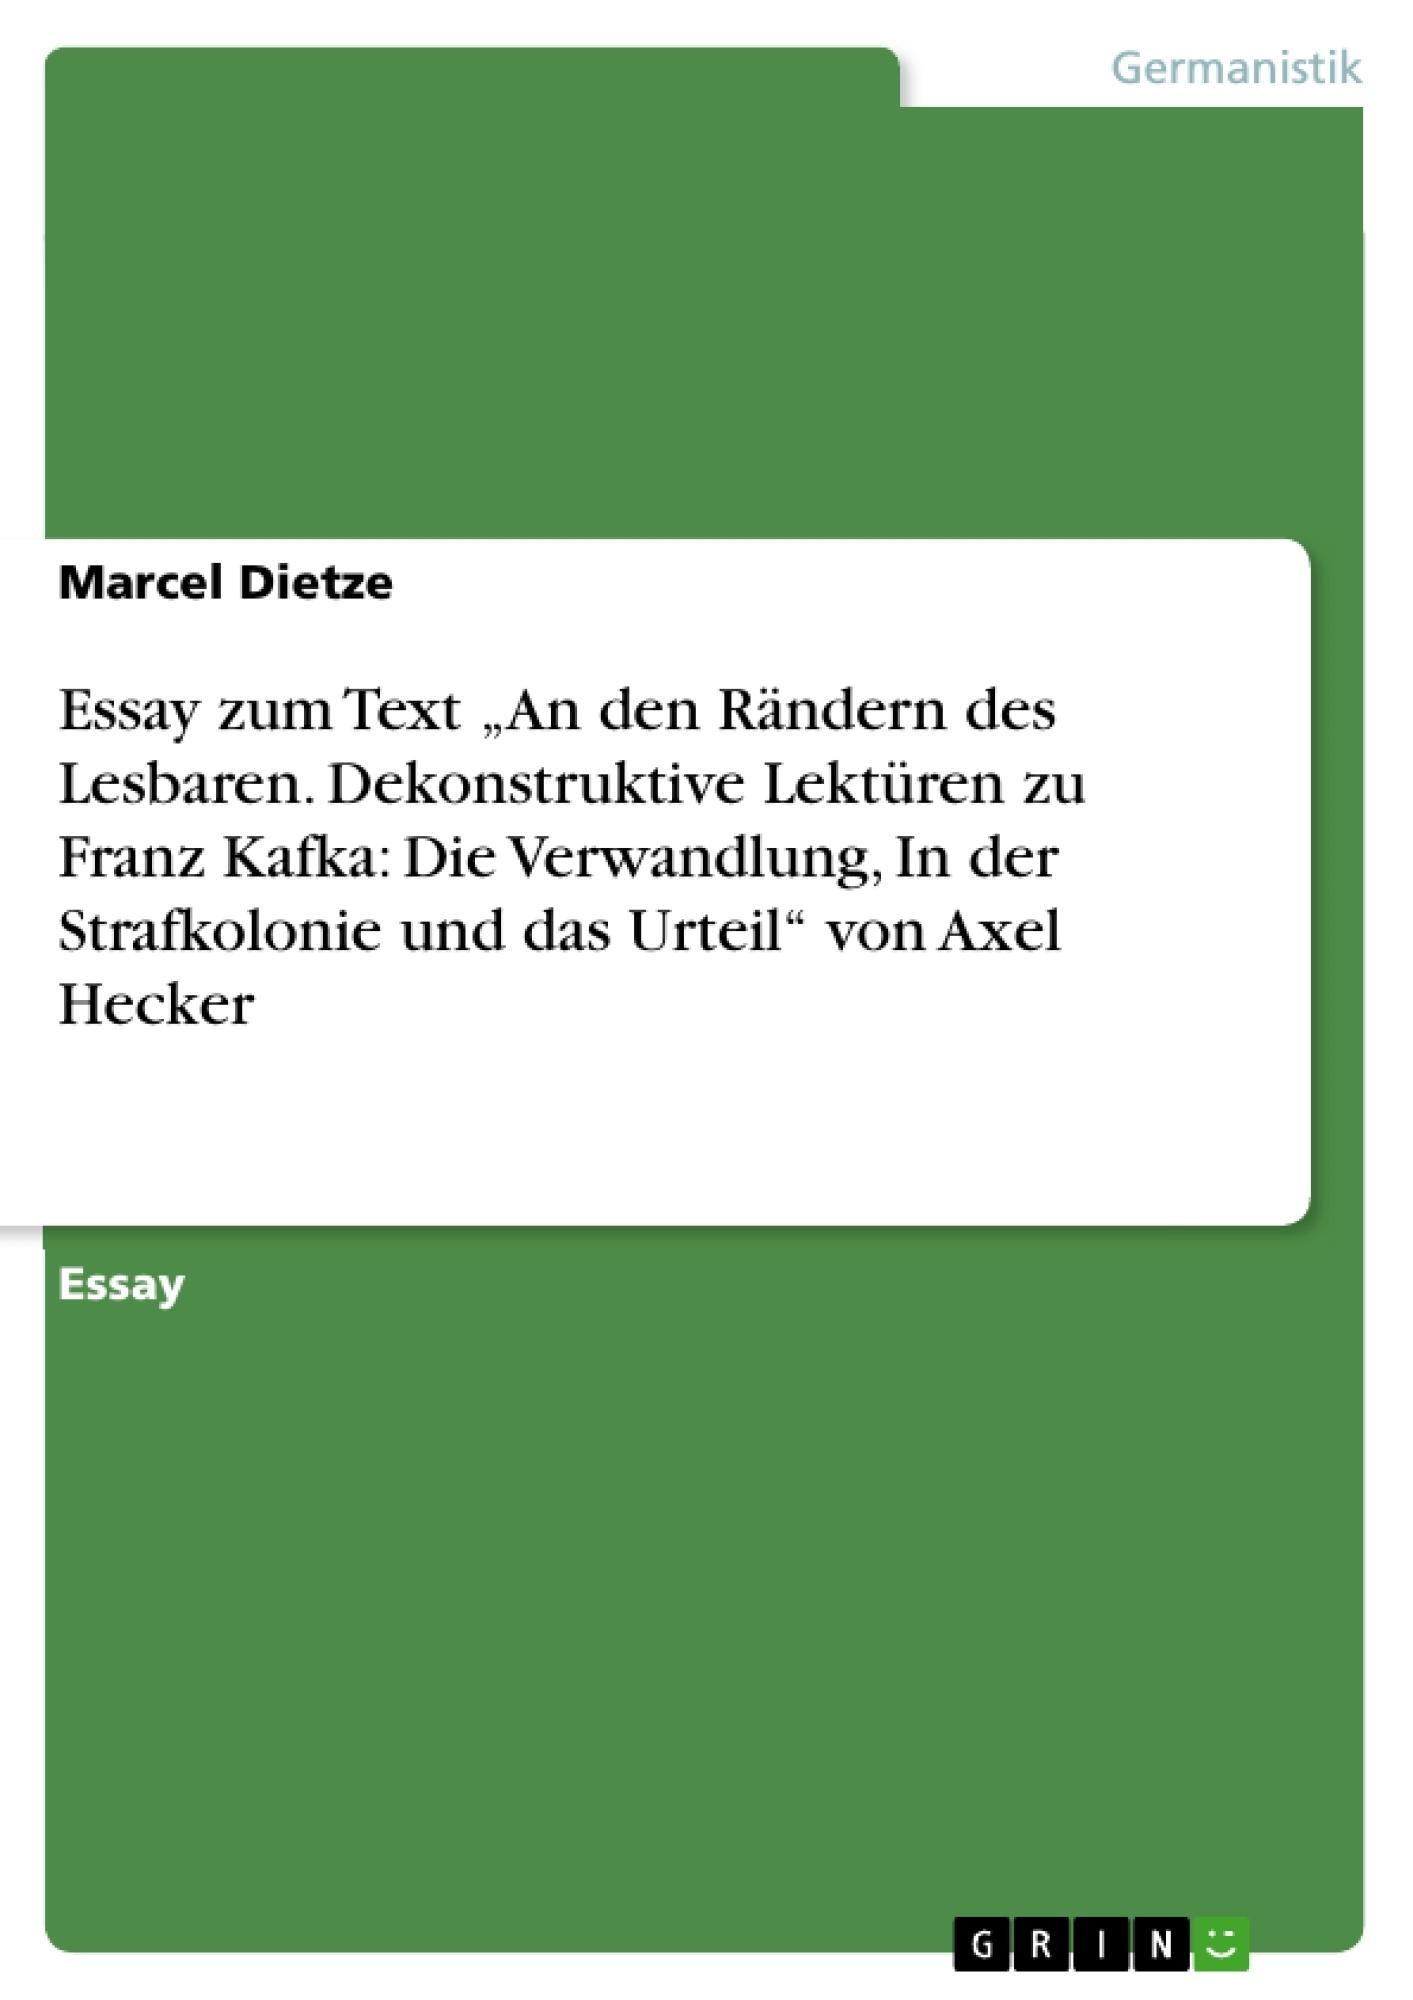 """Titel: Essay zum Text """"An den Rändern des Lesbaren. Dekonstruktive Lektüren zu Franz Kafka: Die Verwandlung, In der Strafkolonie und das Urteil"""" von Axel Hecker"""